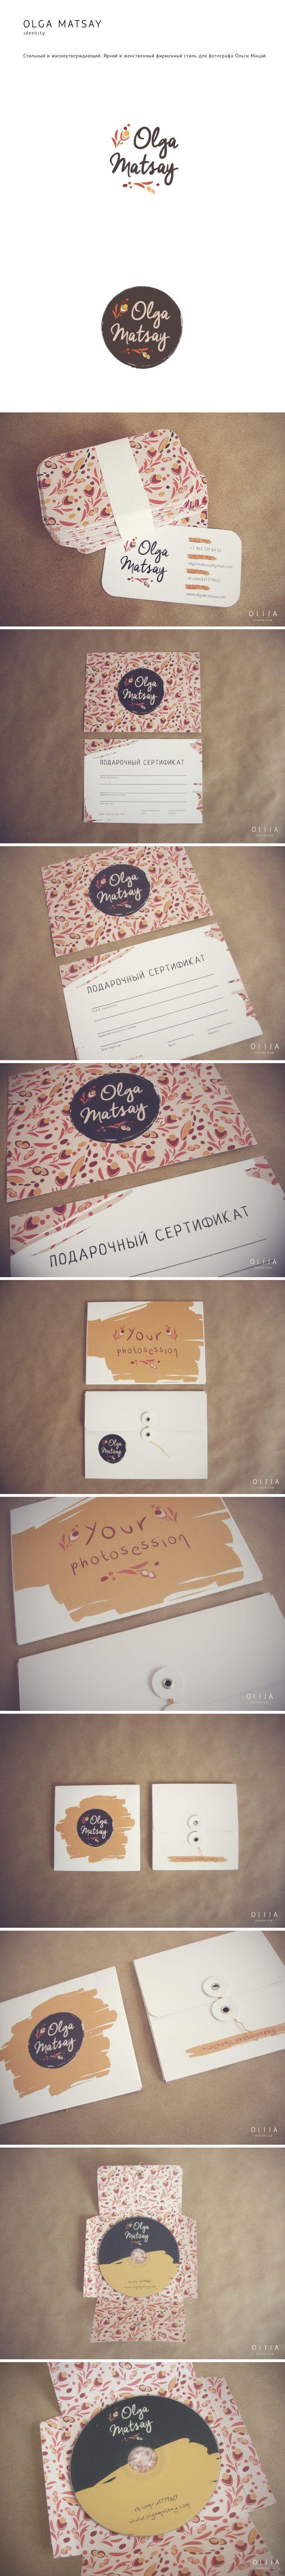 Фирменный стиль для фотографа Ольги Мацай, Identity © Ольга Ветер (Шумкова)